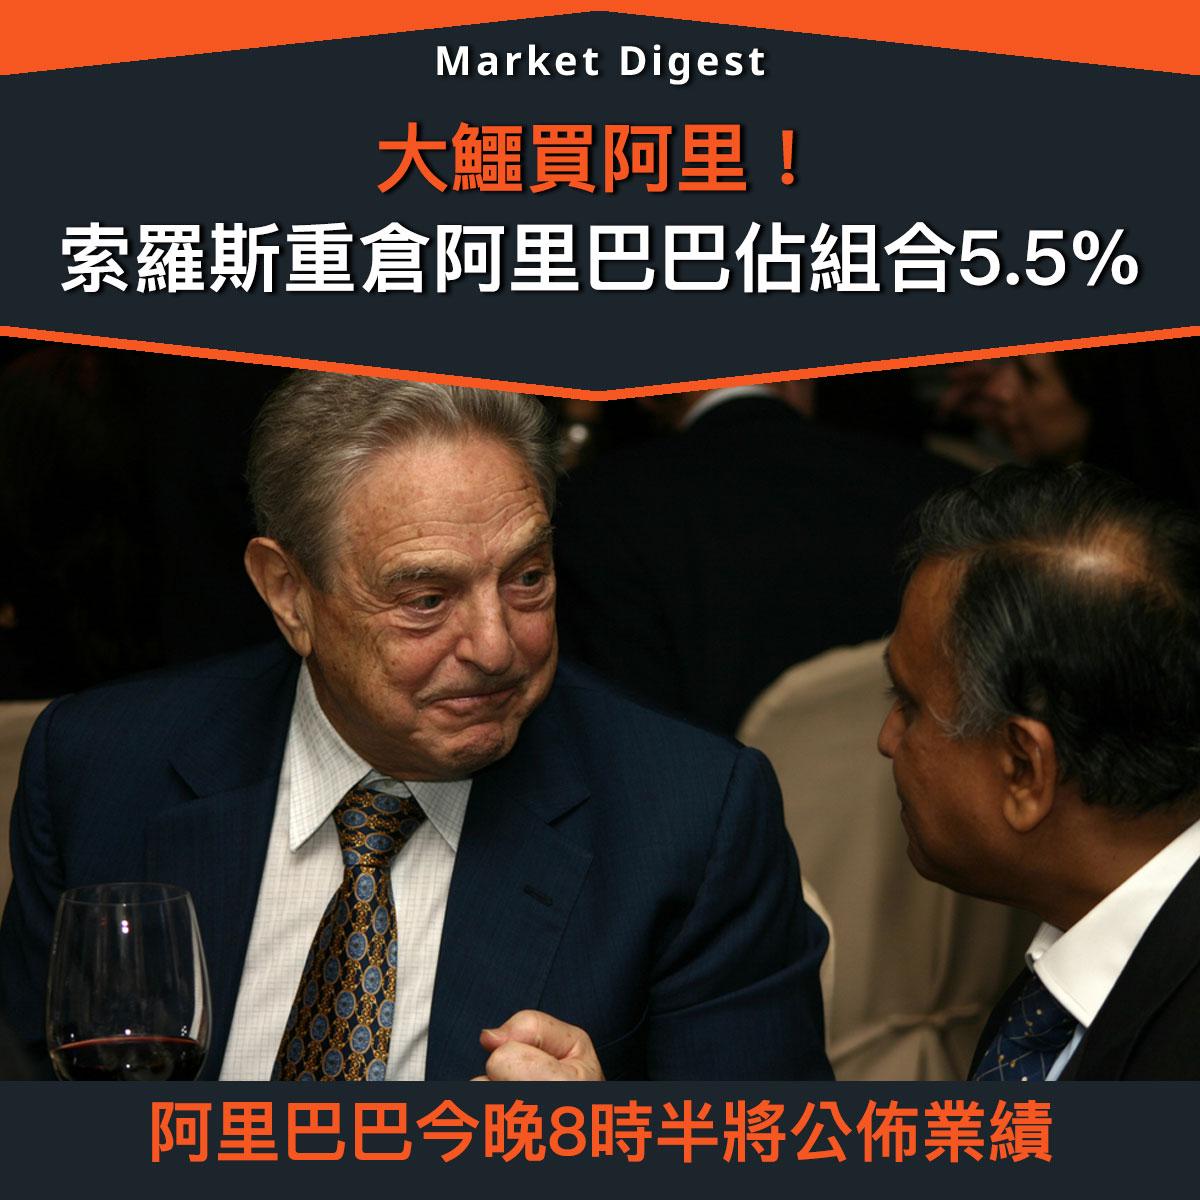 【市場熱話】大鱷買阿里!索羅斯重倉阿里巴巴佔組合5.5%